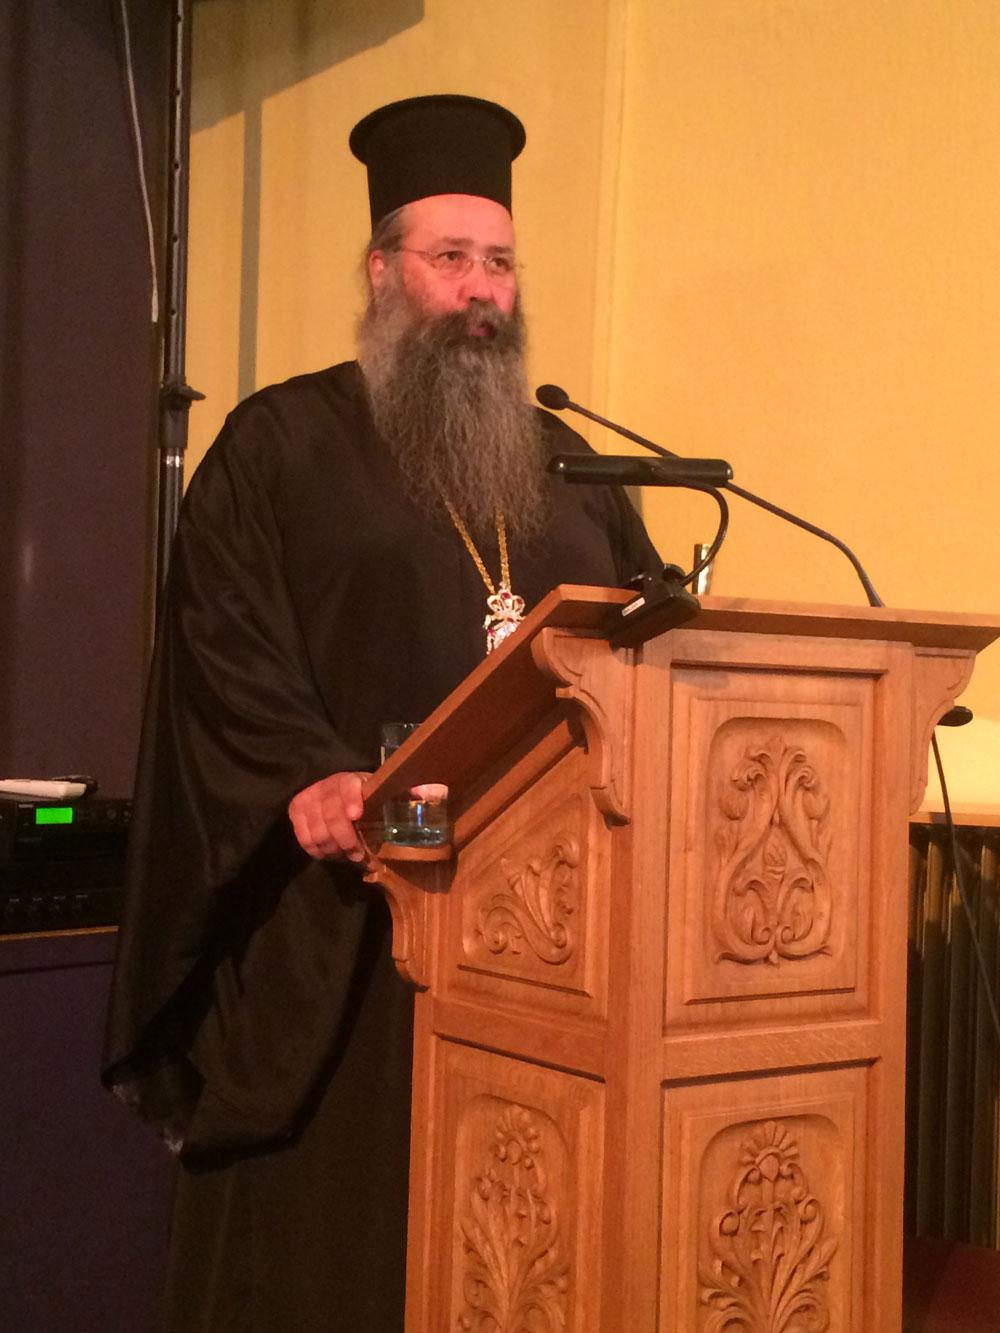 Ξεκίνησαν στην Κατερίνη οι εκδηλώσεις προς τιμή του αγίου Νέου ιερομάρτυρος Μελετίου Επισκόπου Κίτρους